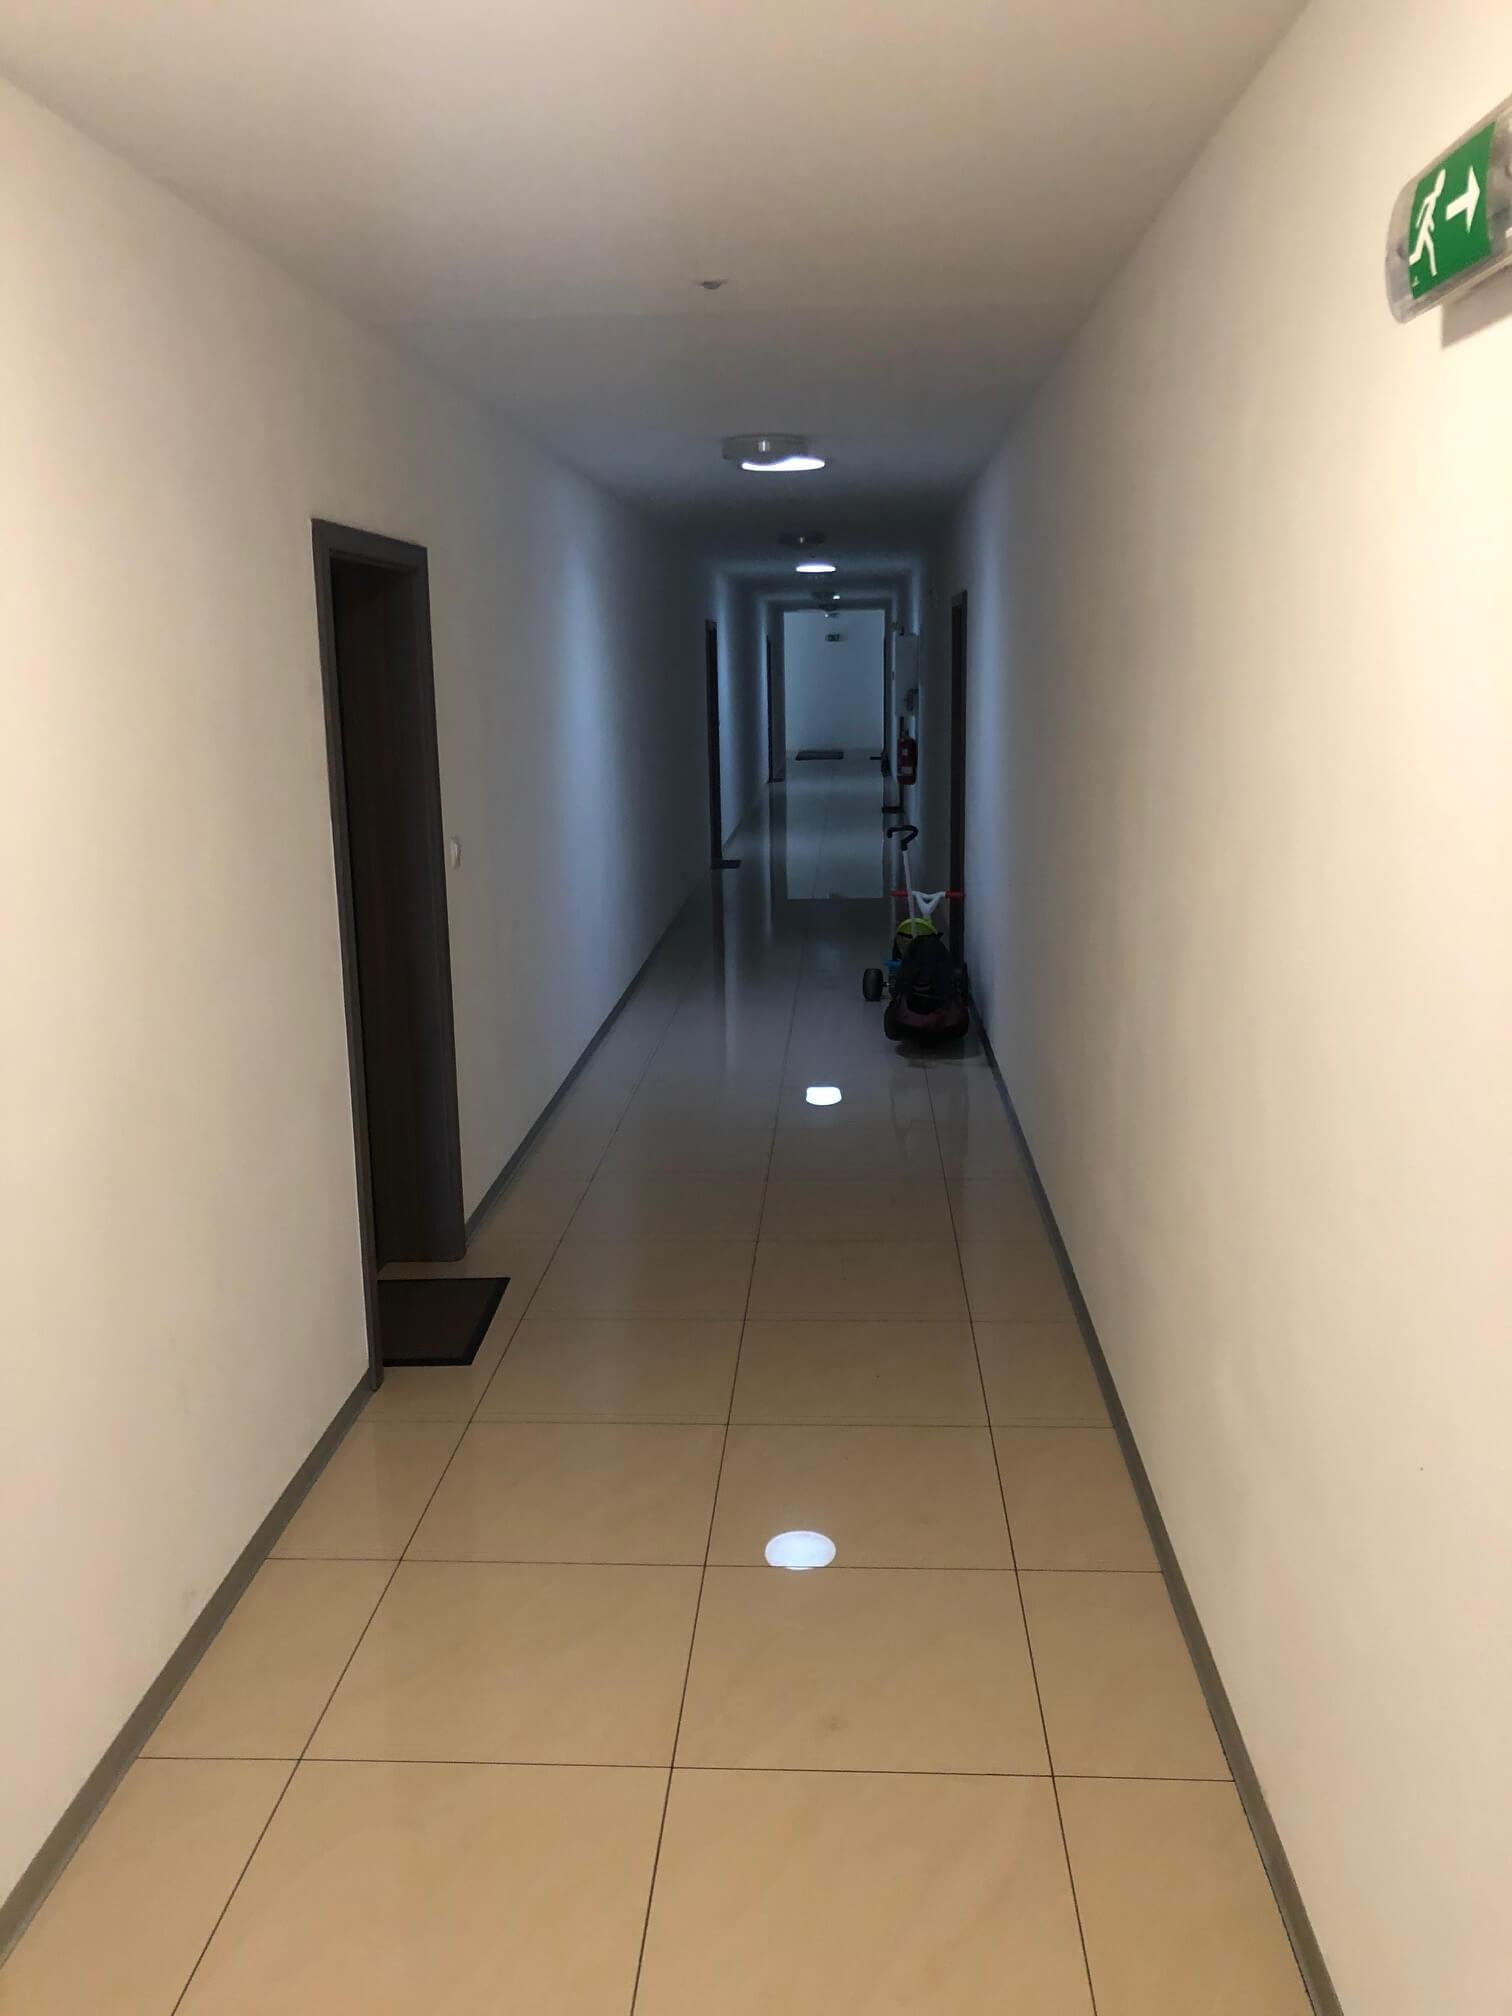 Prenajate: Prenájom 2 izb. byt, Luxusne zariadeny, v tichej lokalite, Brnianska 4, nad Farbičkou, Malacky,-17